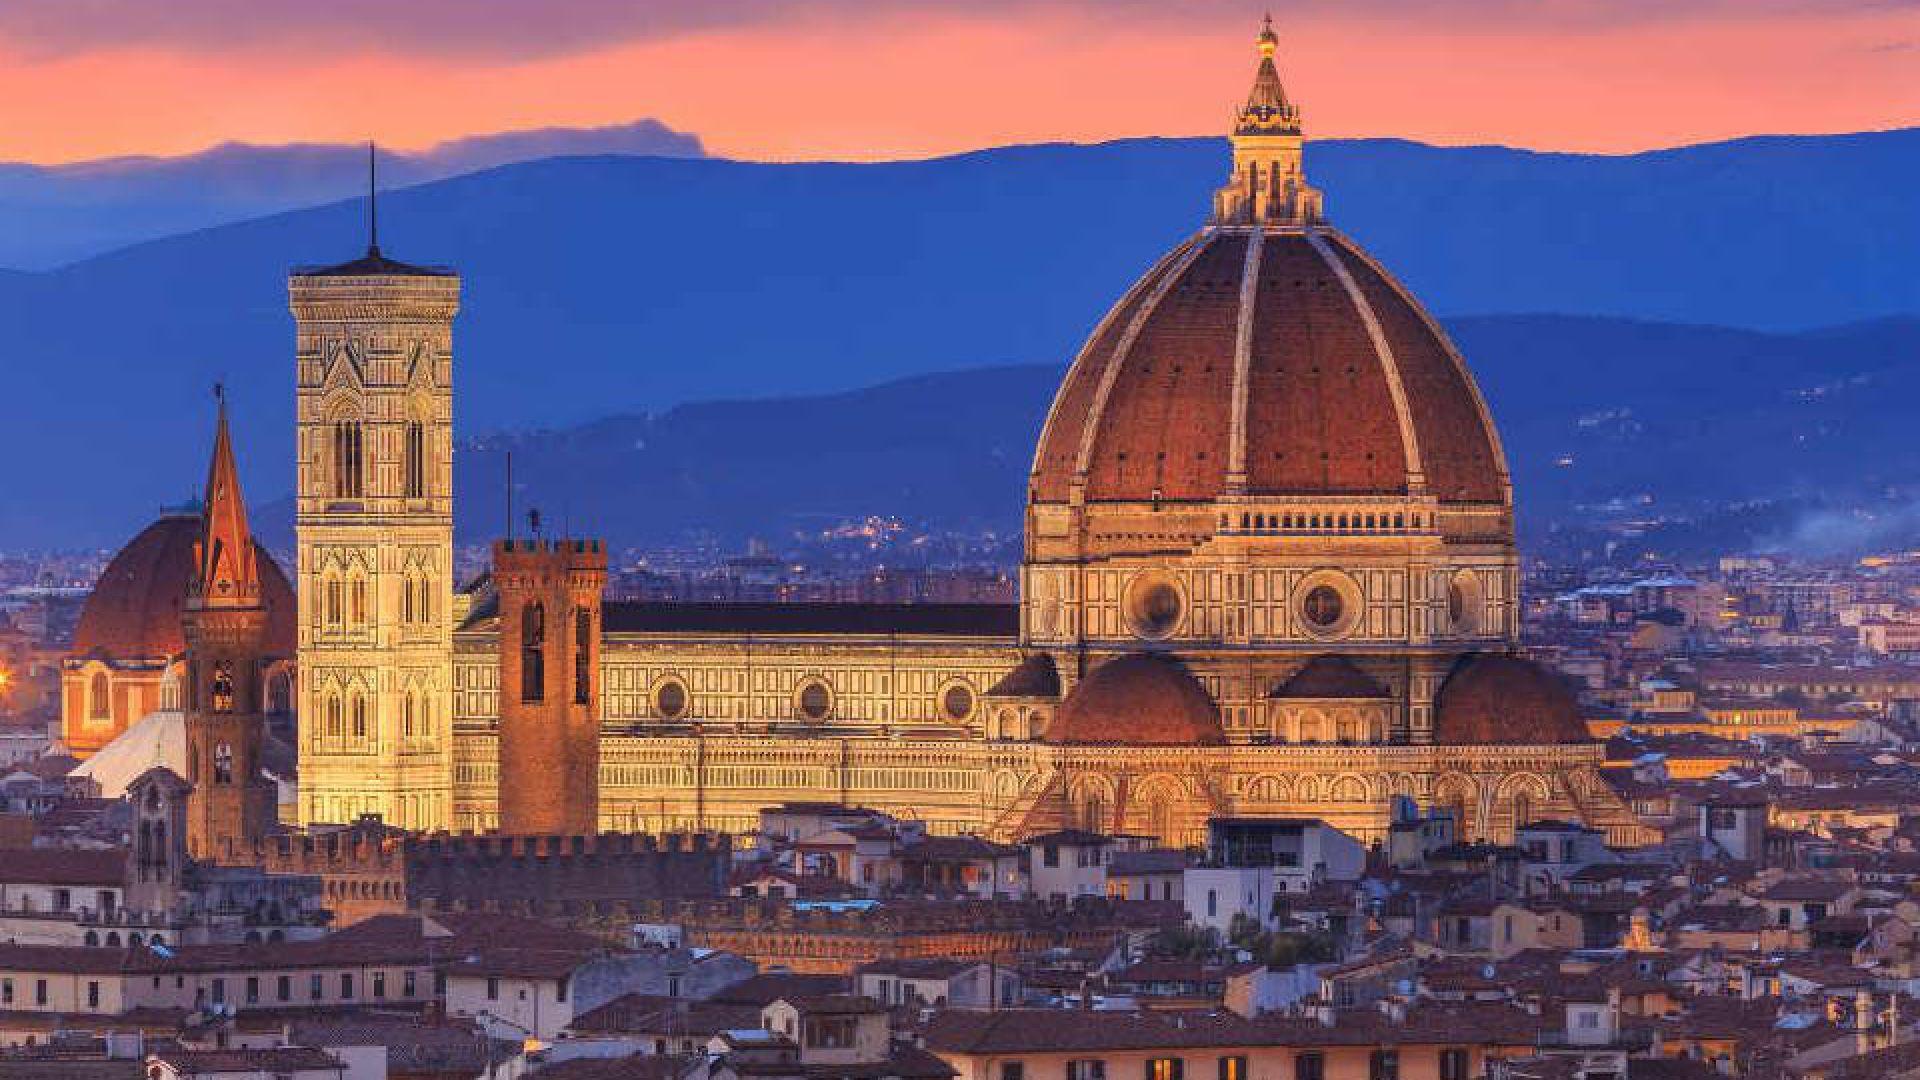 Santa-Maria-del-Fiore-al-tramonto-Firenze.jpg